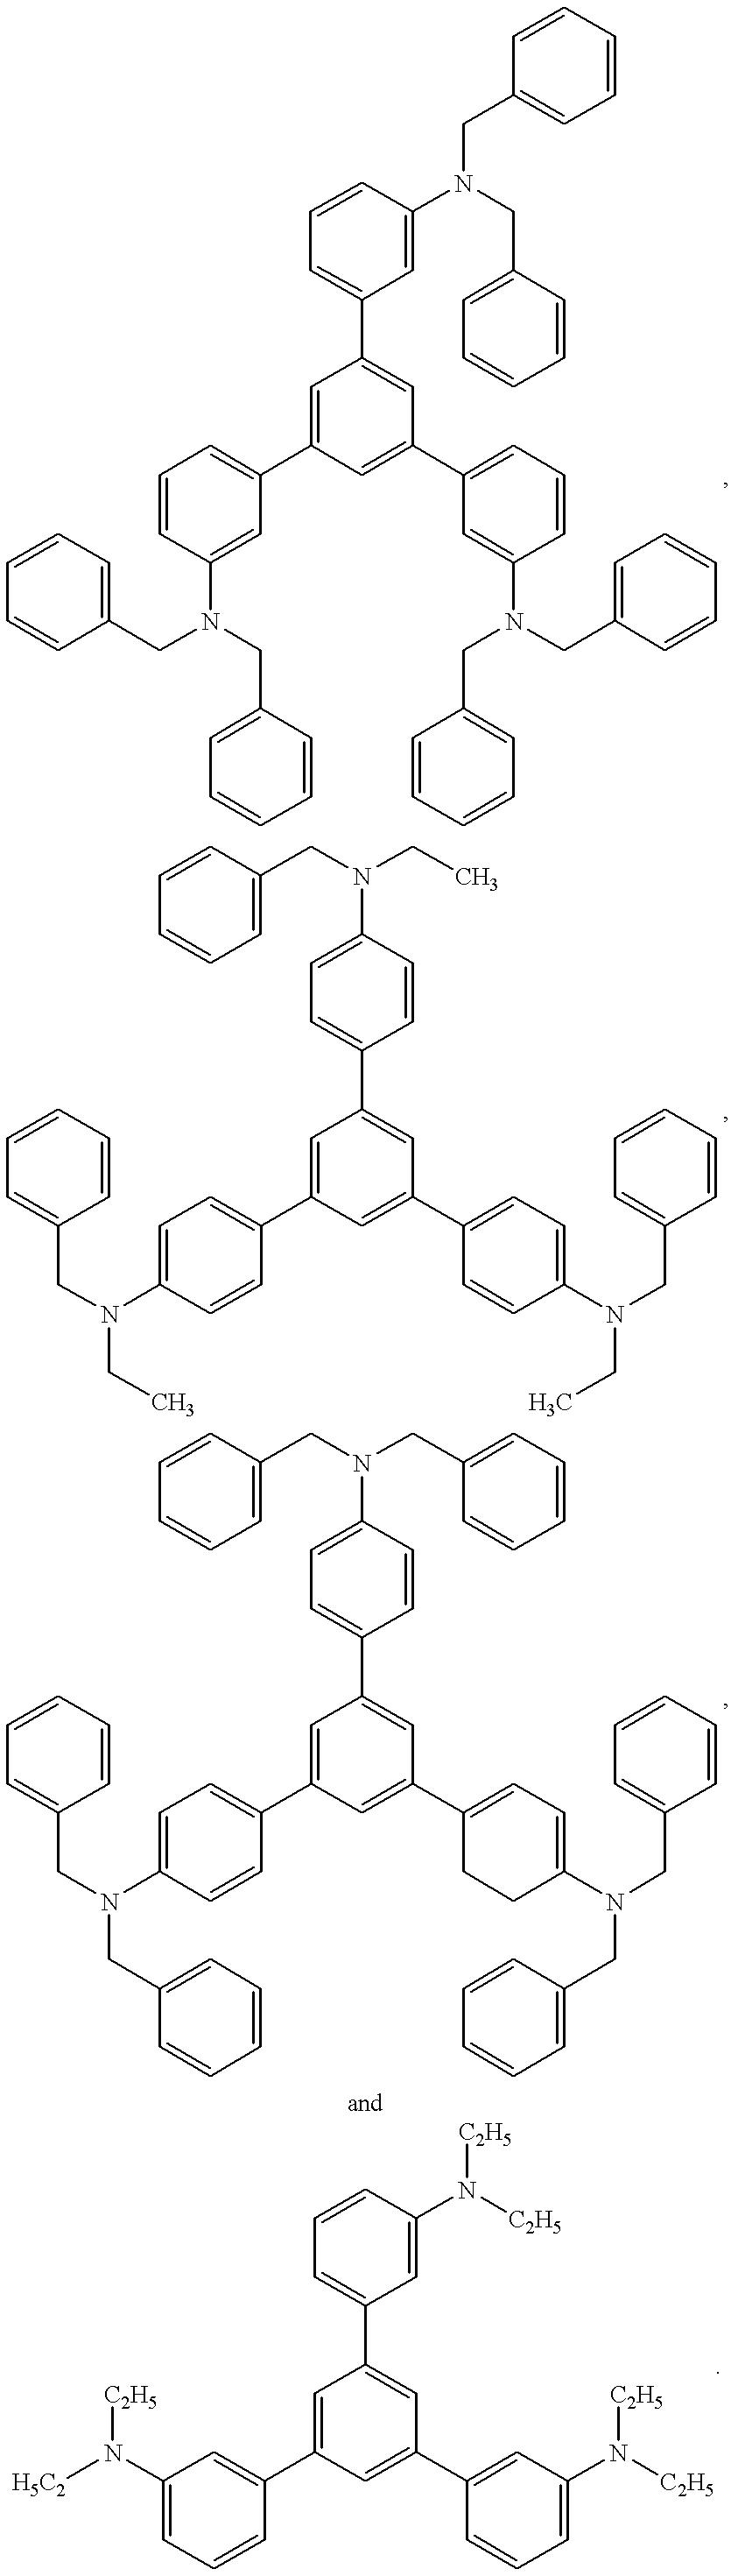 Figure US06368731-20020409-C00040